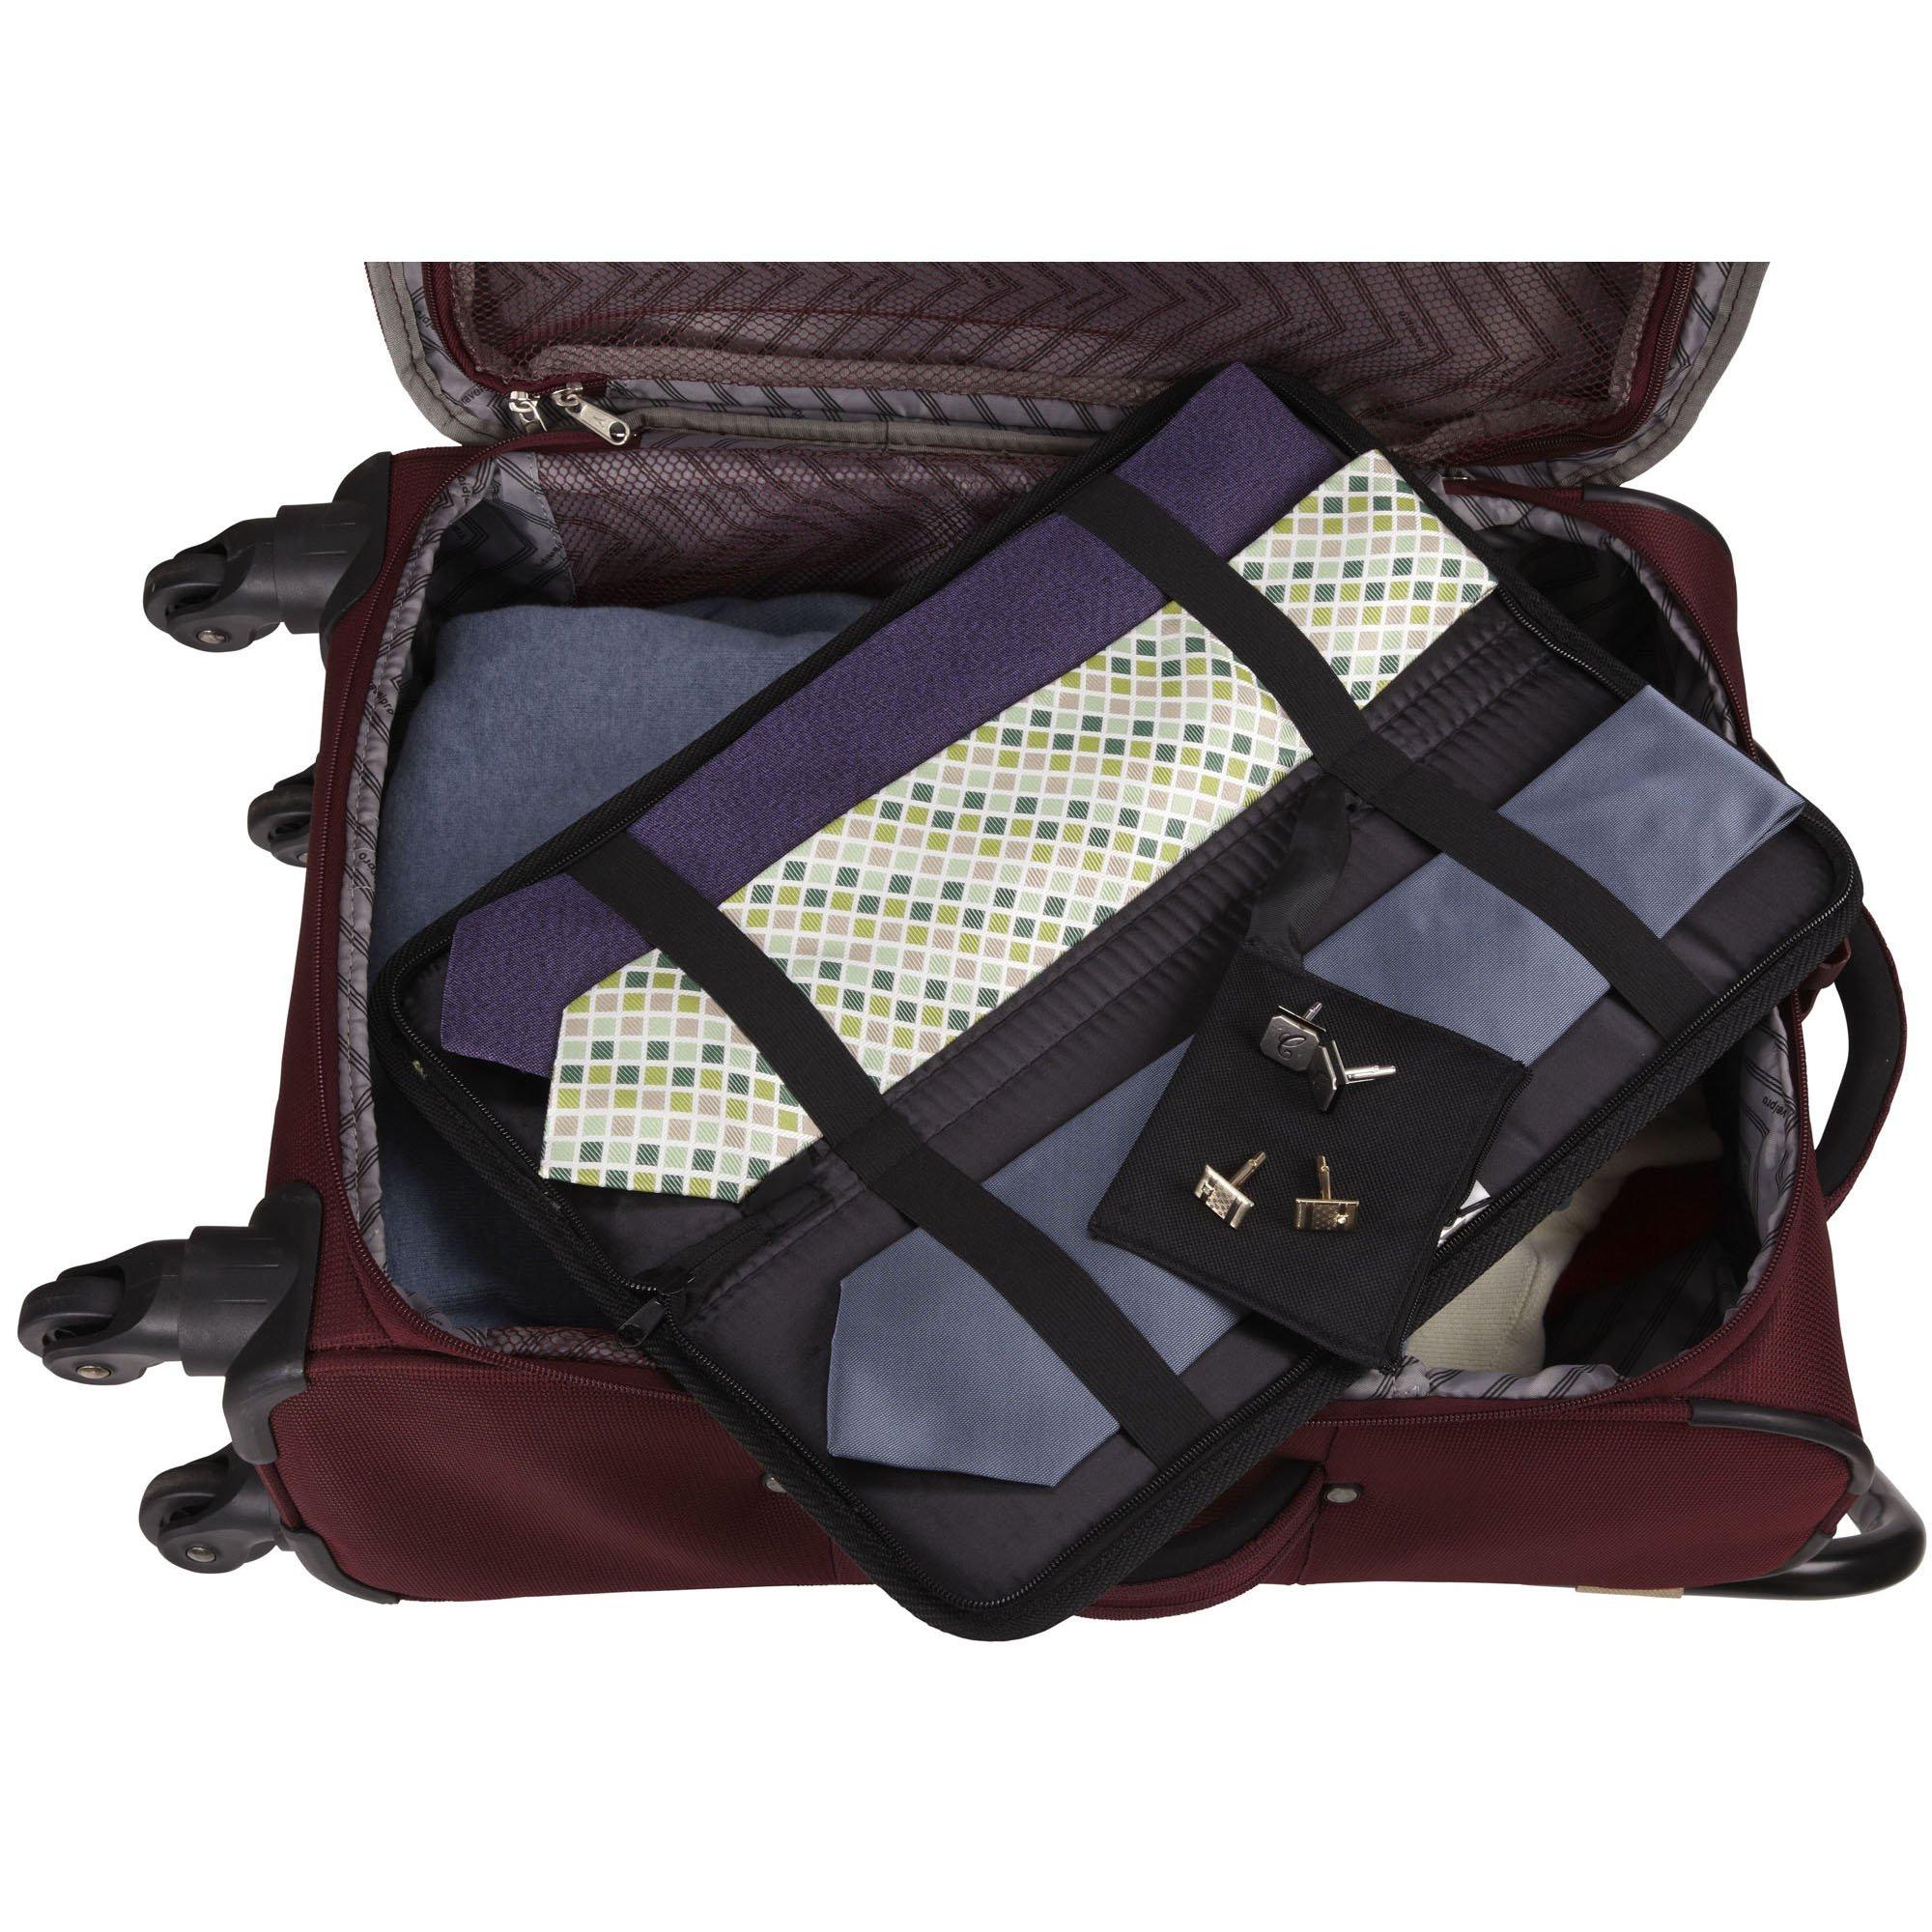 Household Essentials 06704 Travel Tie Storage Case   Tie Holder Stores up to 6 Ties   Black